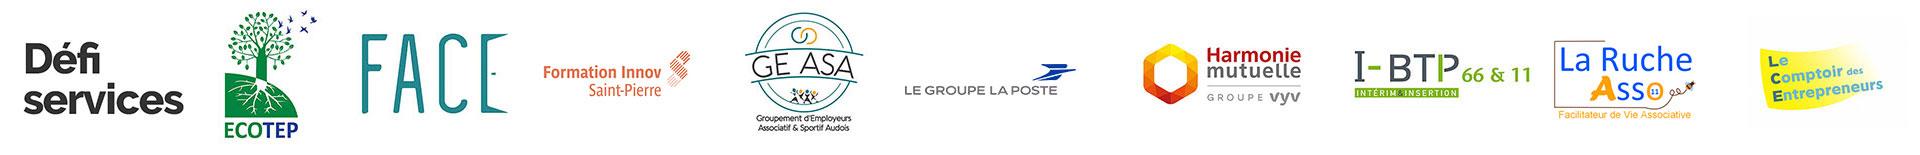 FACE Aude Entreprises adhérentes 2021